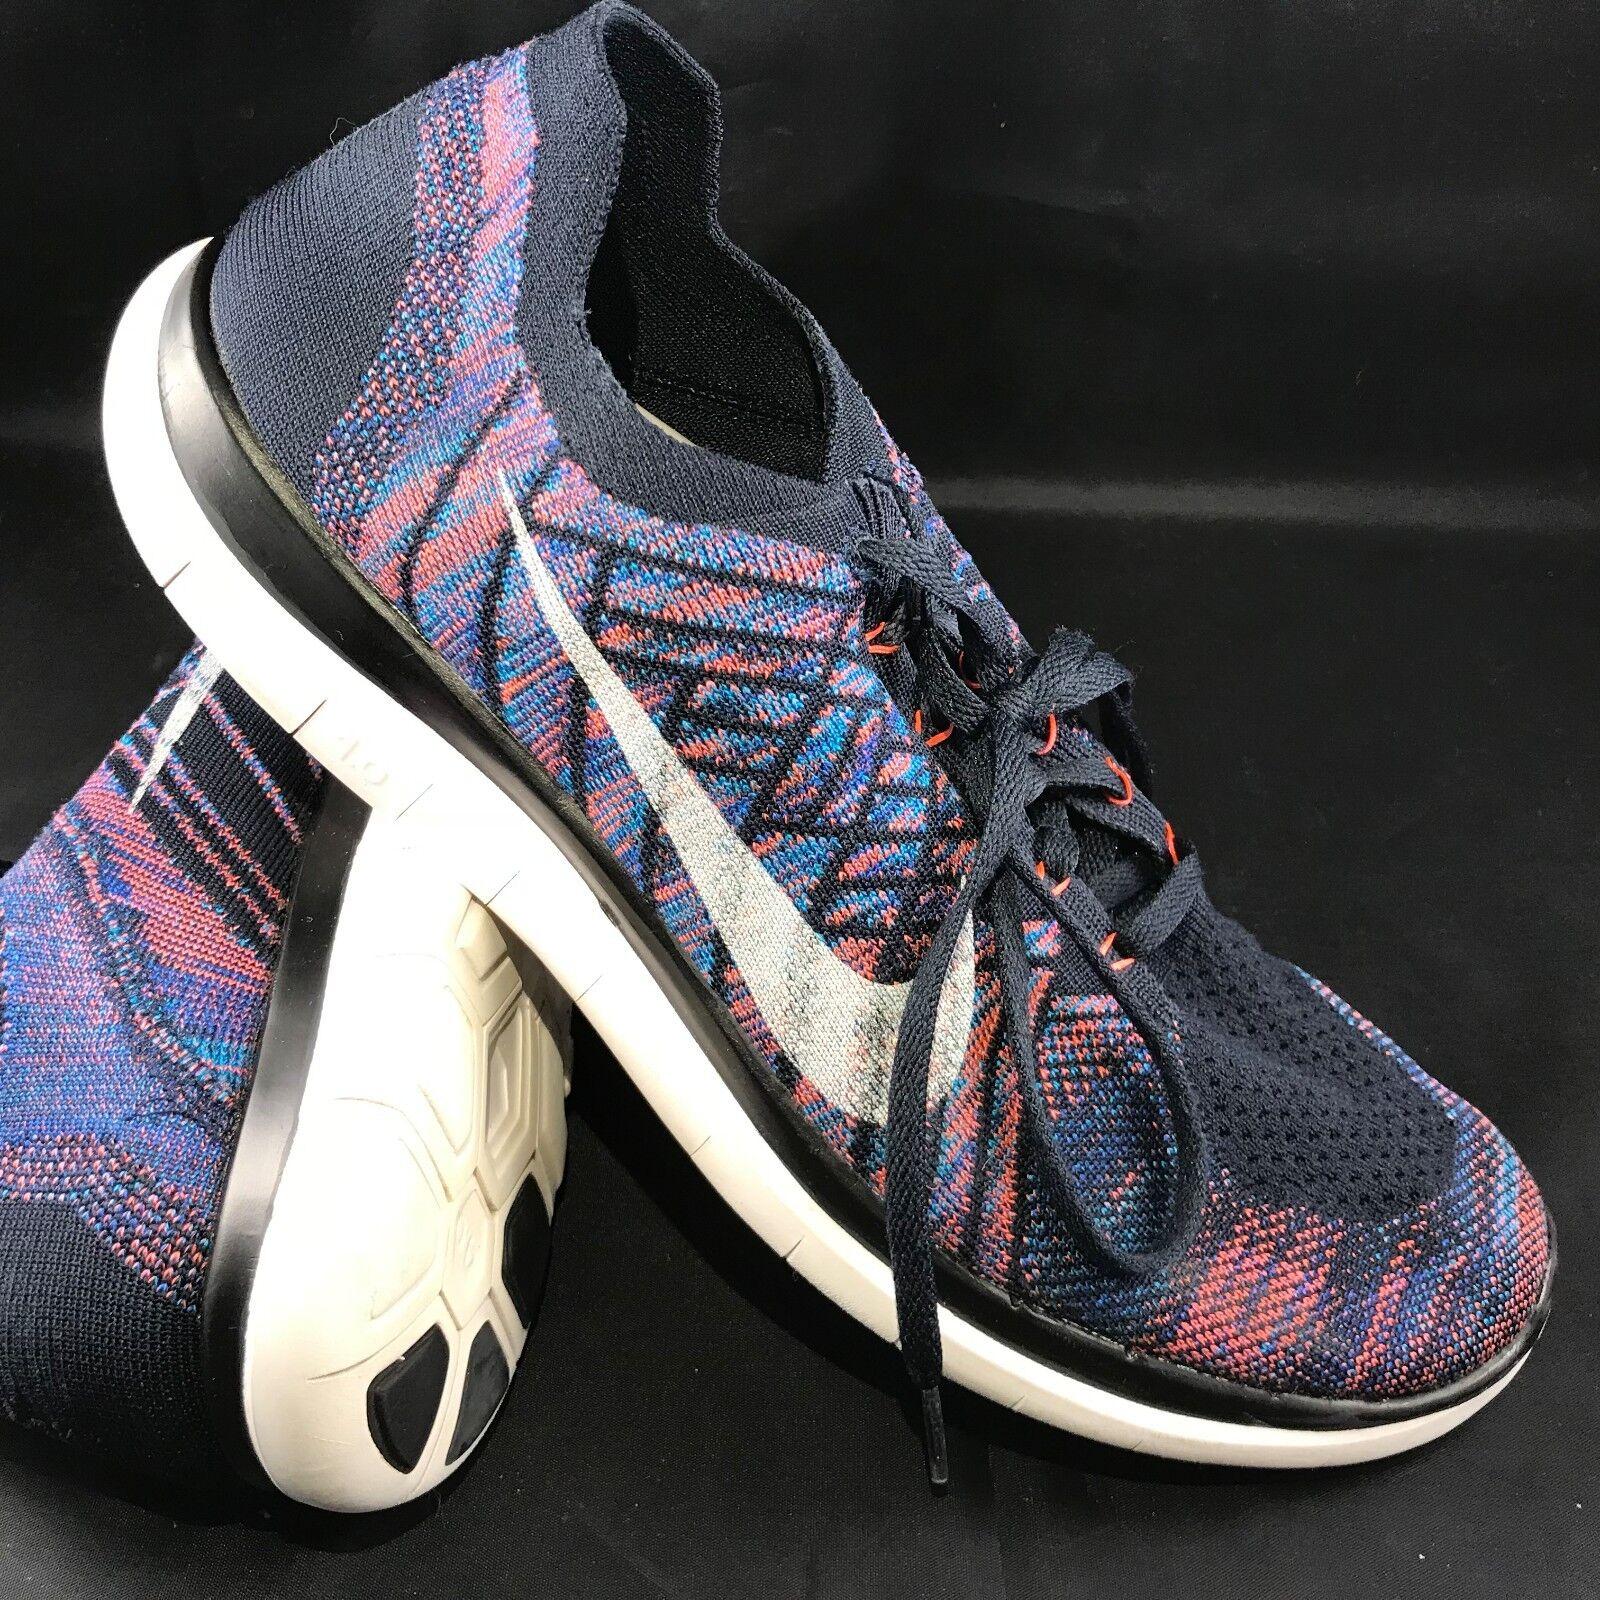 Nike Free 4.0 Flyknit 717075-401 Dark Obsidian/Summit White/Hot Lava Men's Shoes